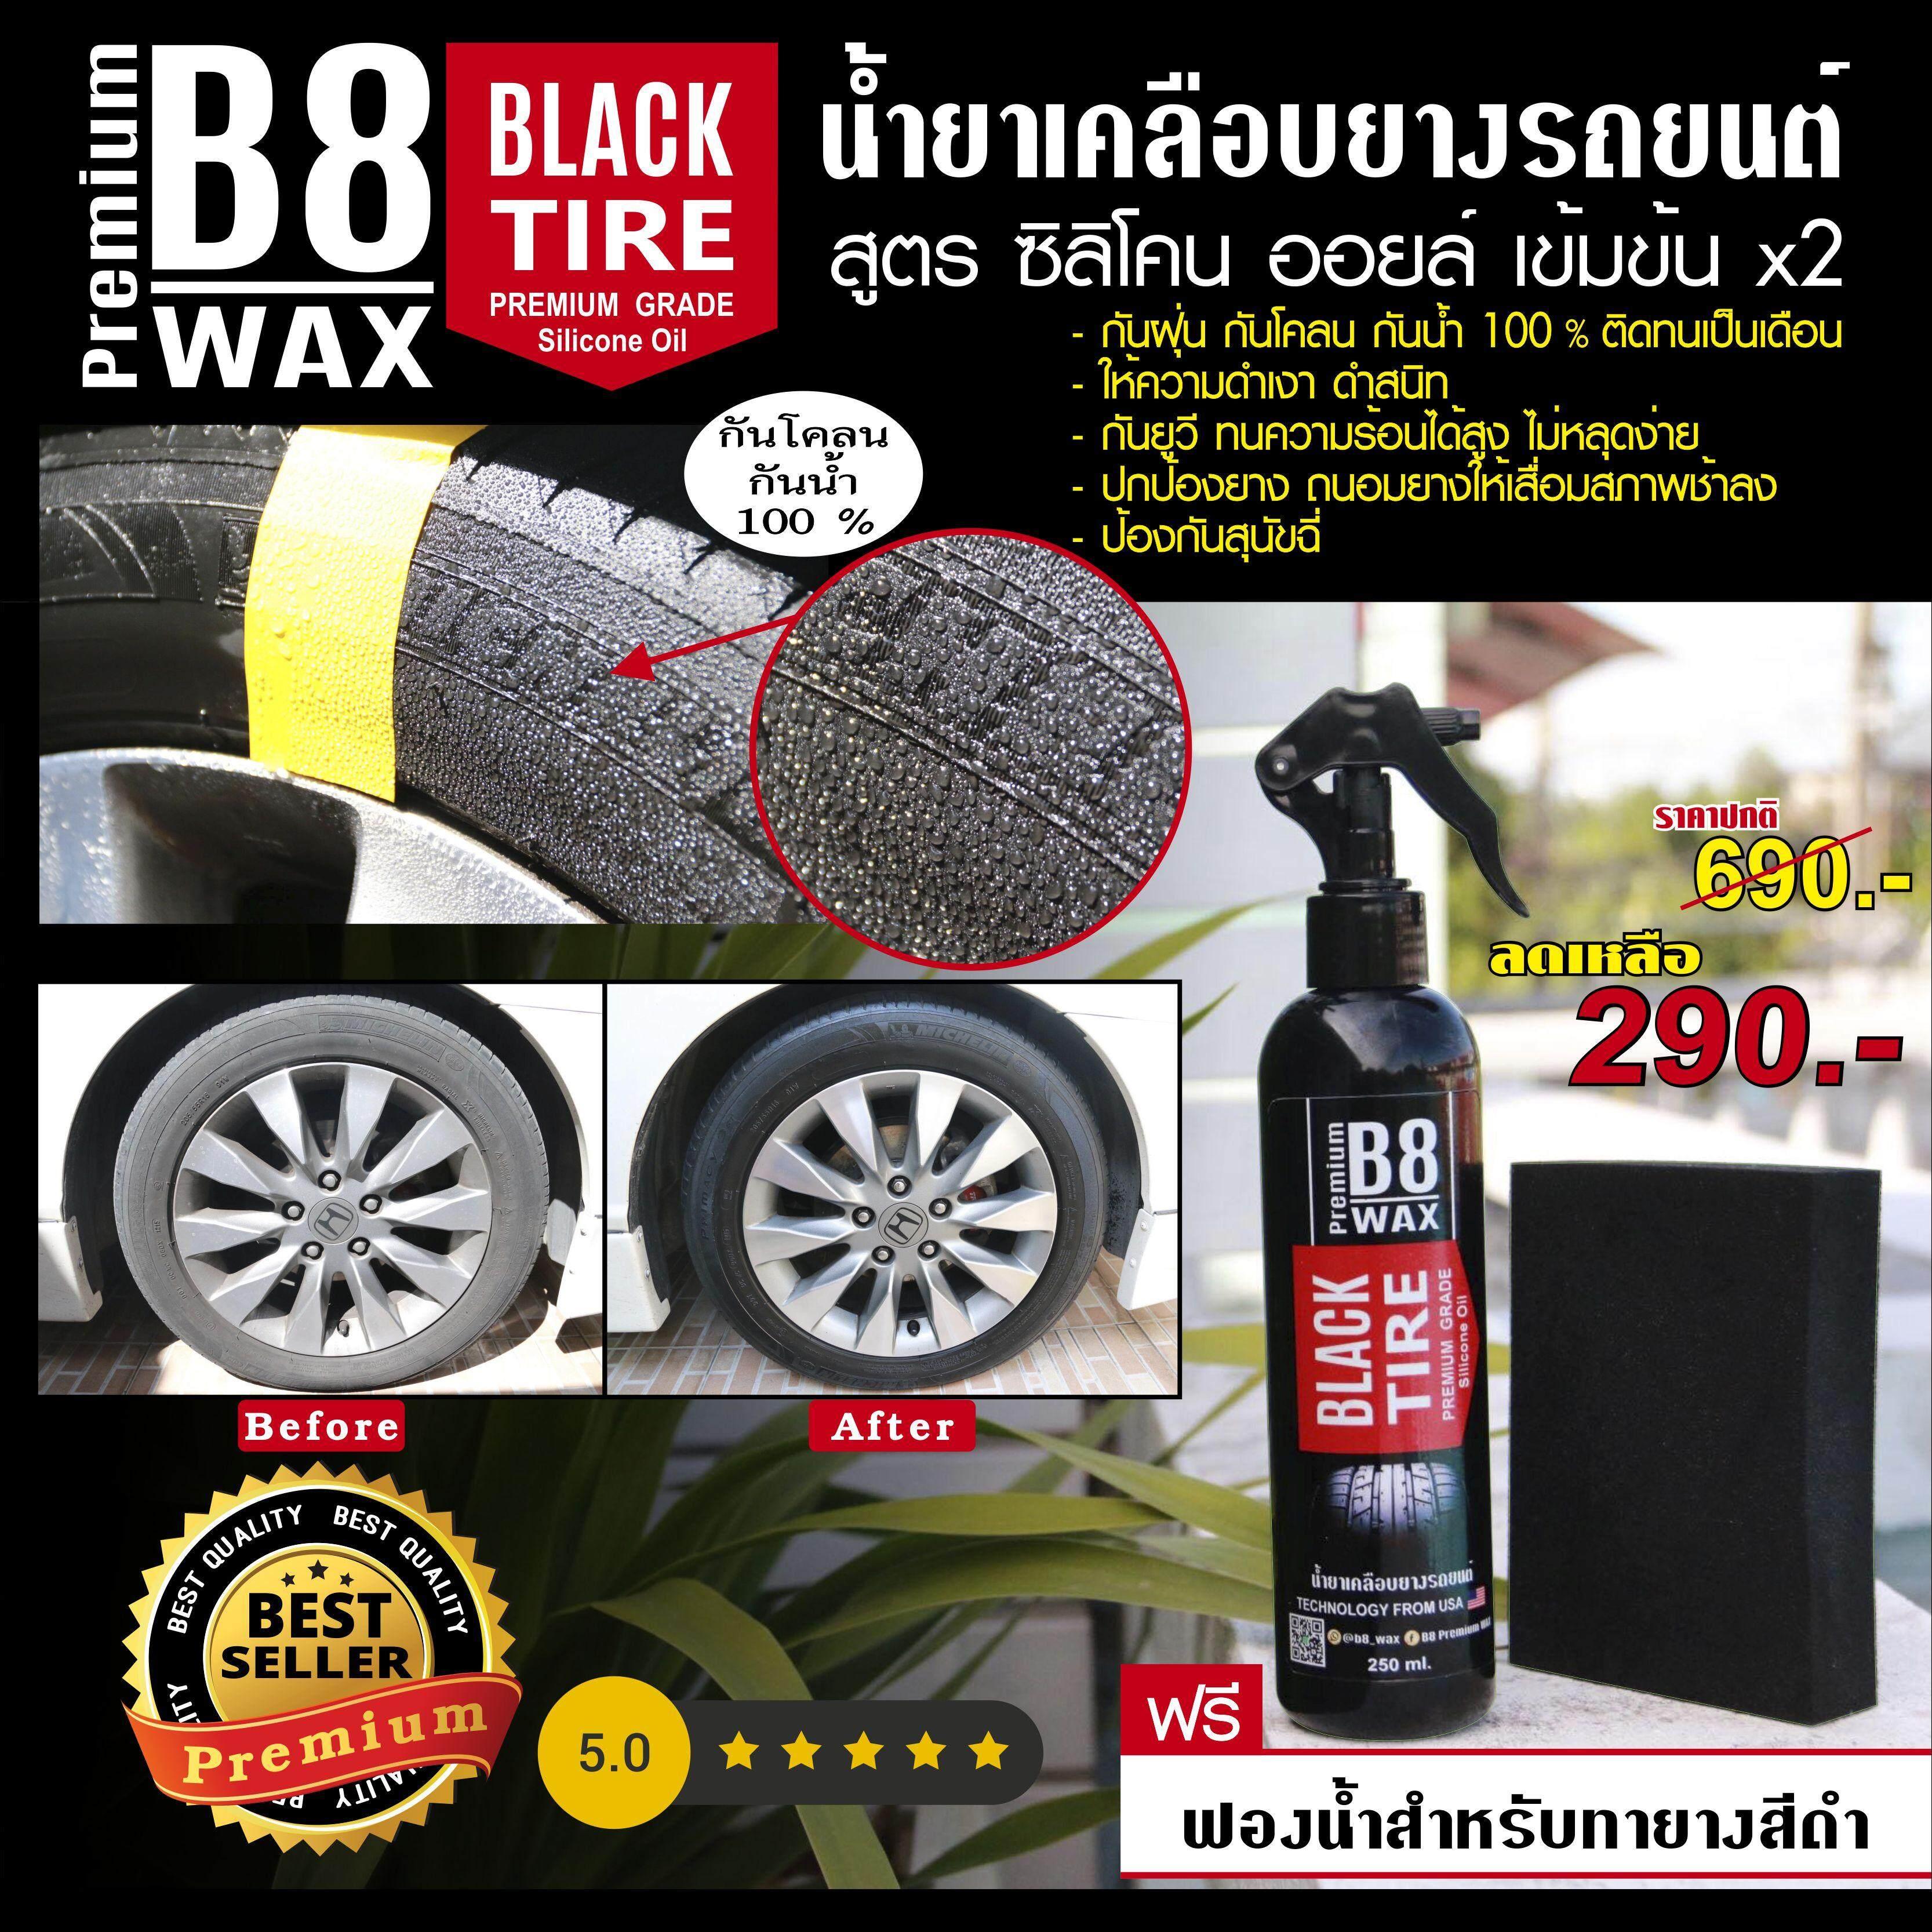 น้ำยาเคลือบยางดำ B8 Premium Wax Black Tire 250 Ml. สูตร Silicone เข้มข้นx3 แท้ 100% By B8 Wax By B8 Shop.